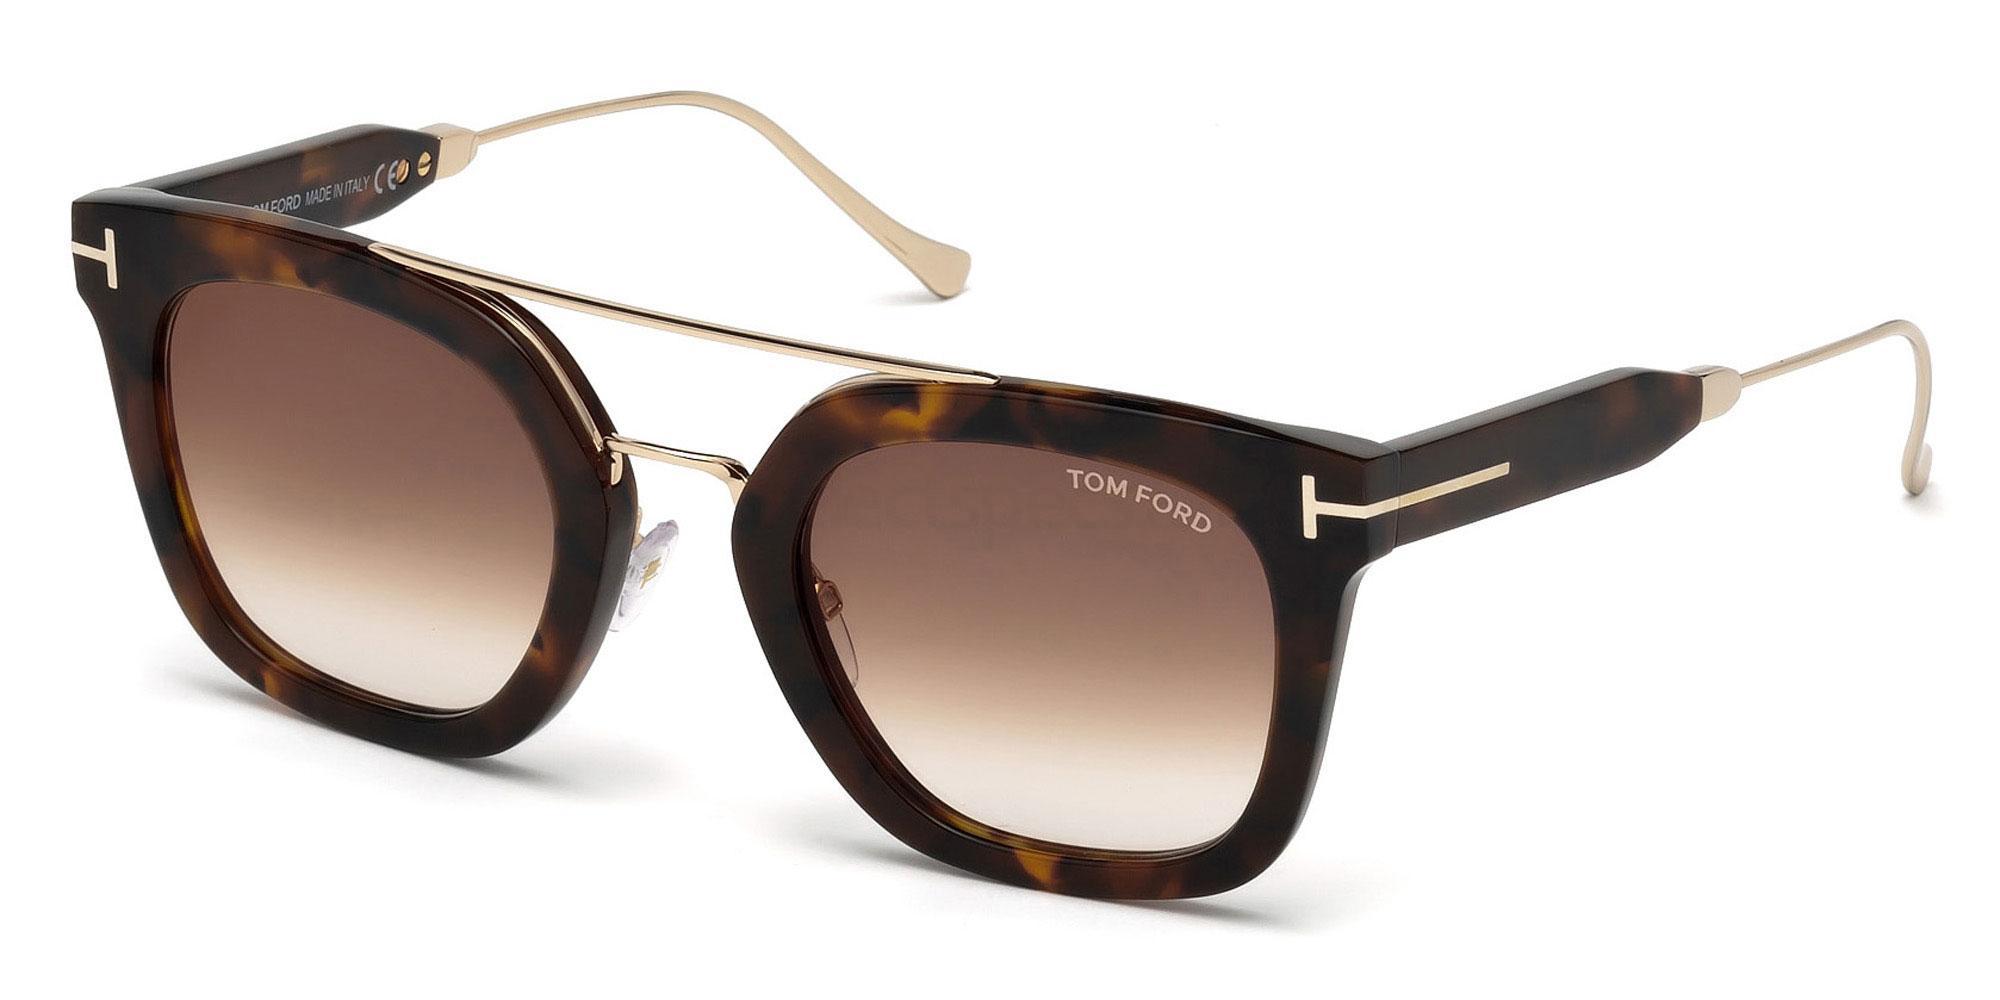 55U FT0541 Sunglasses, Tom Ford